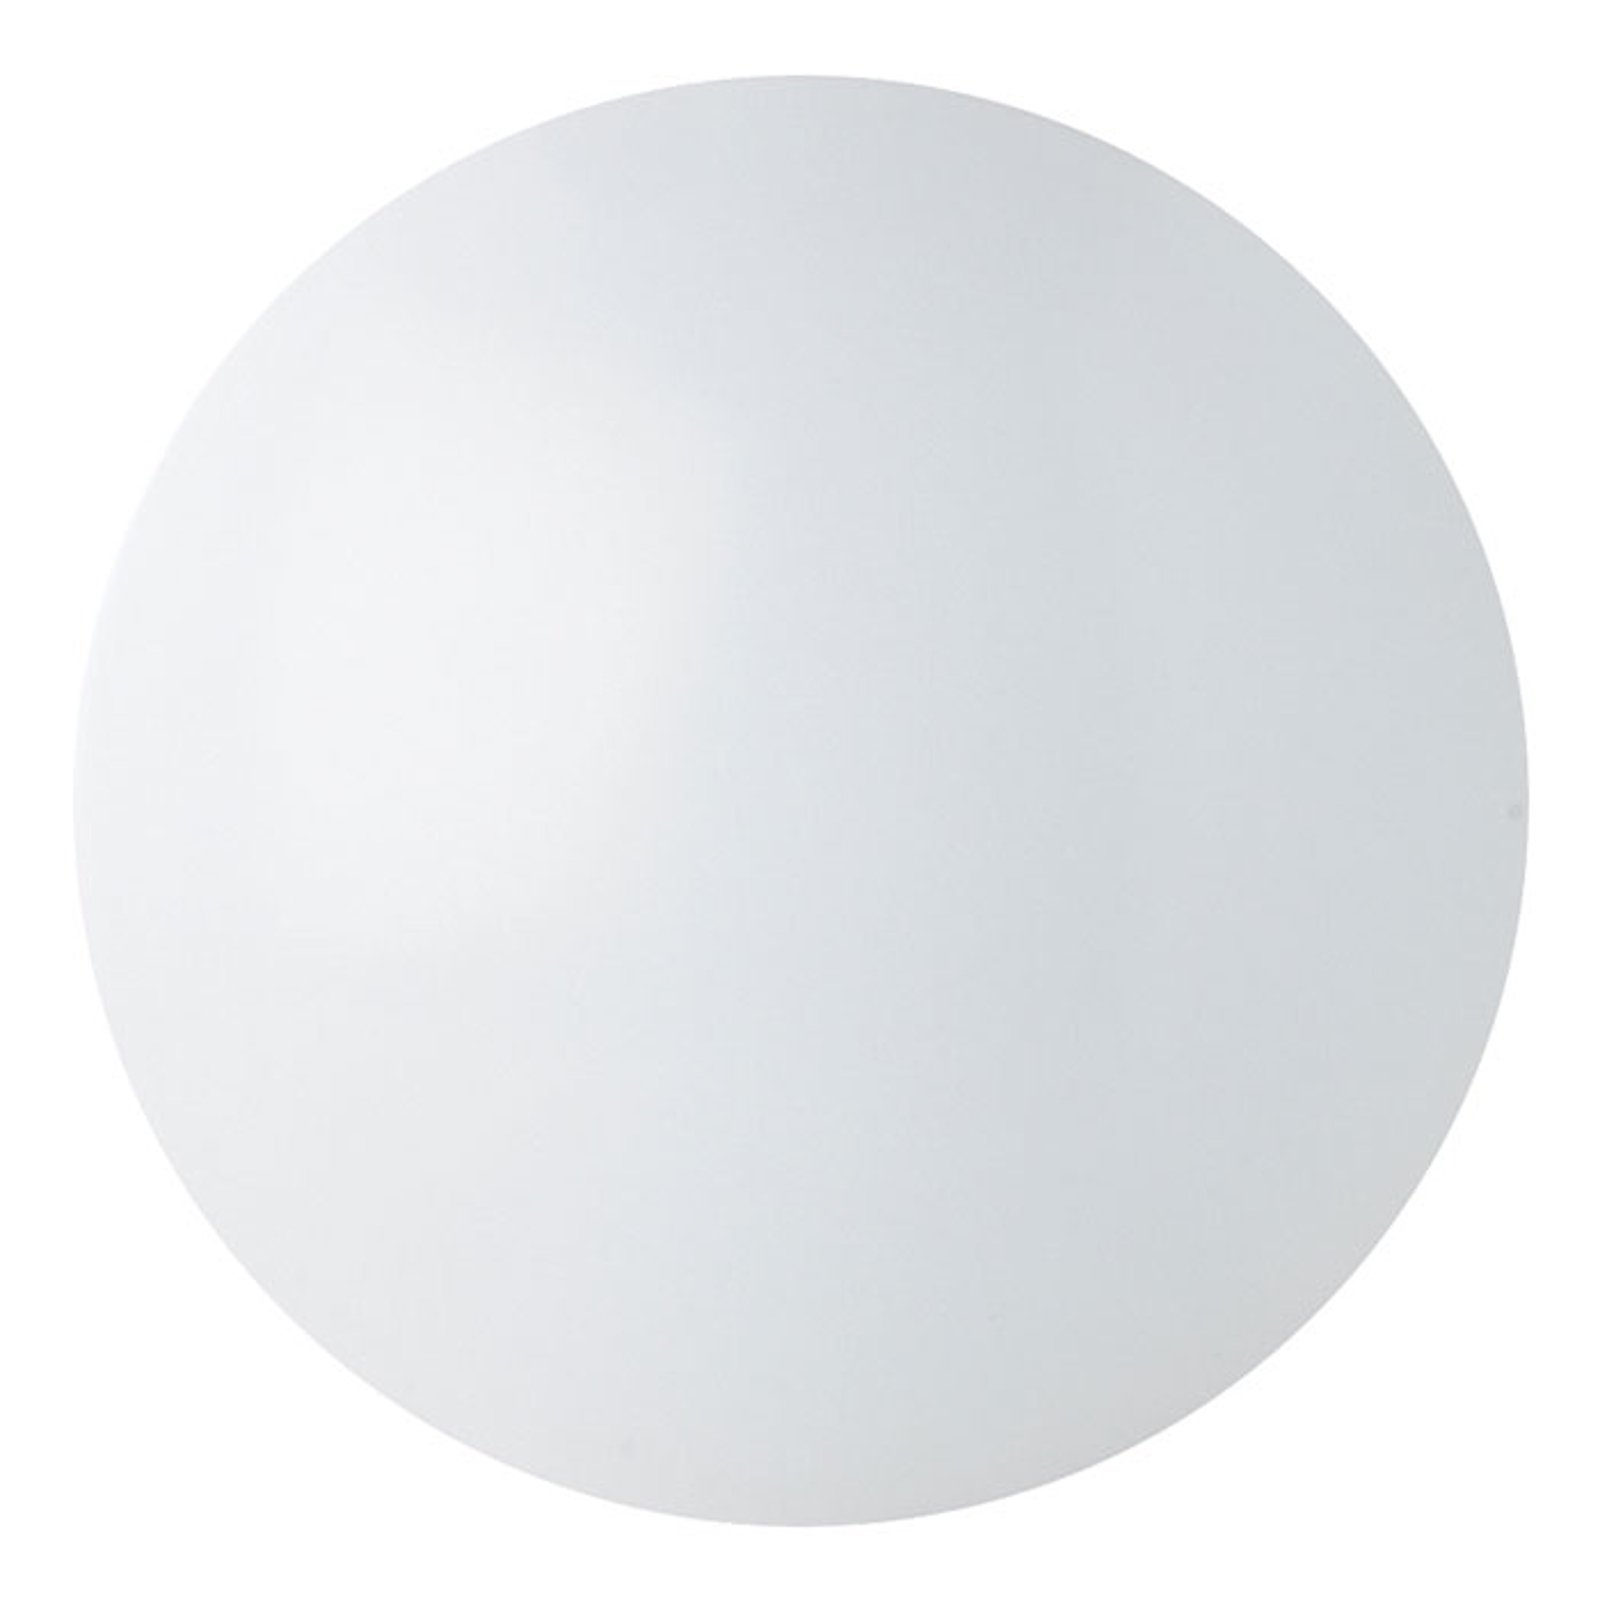 Renzo rund LED taklampe 39 cm, 3 000 K